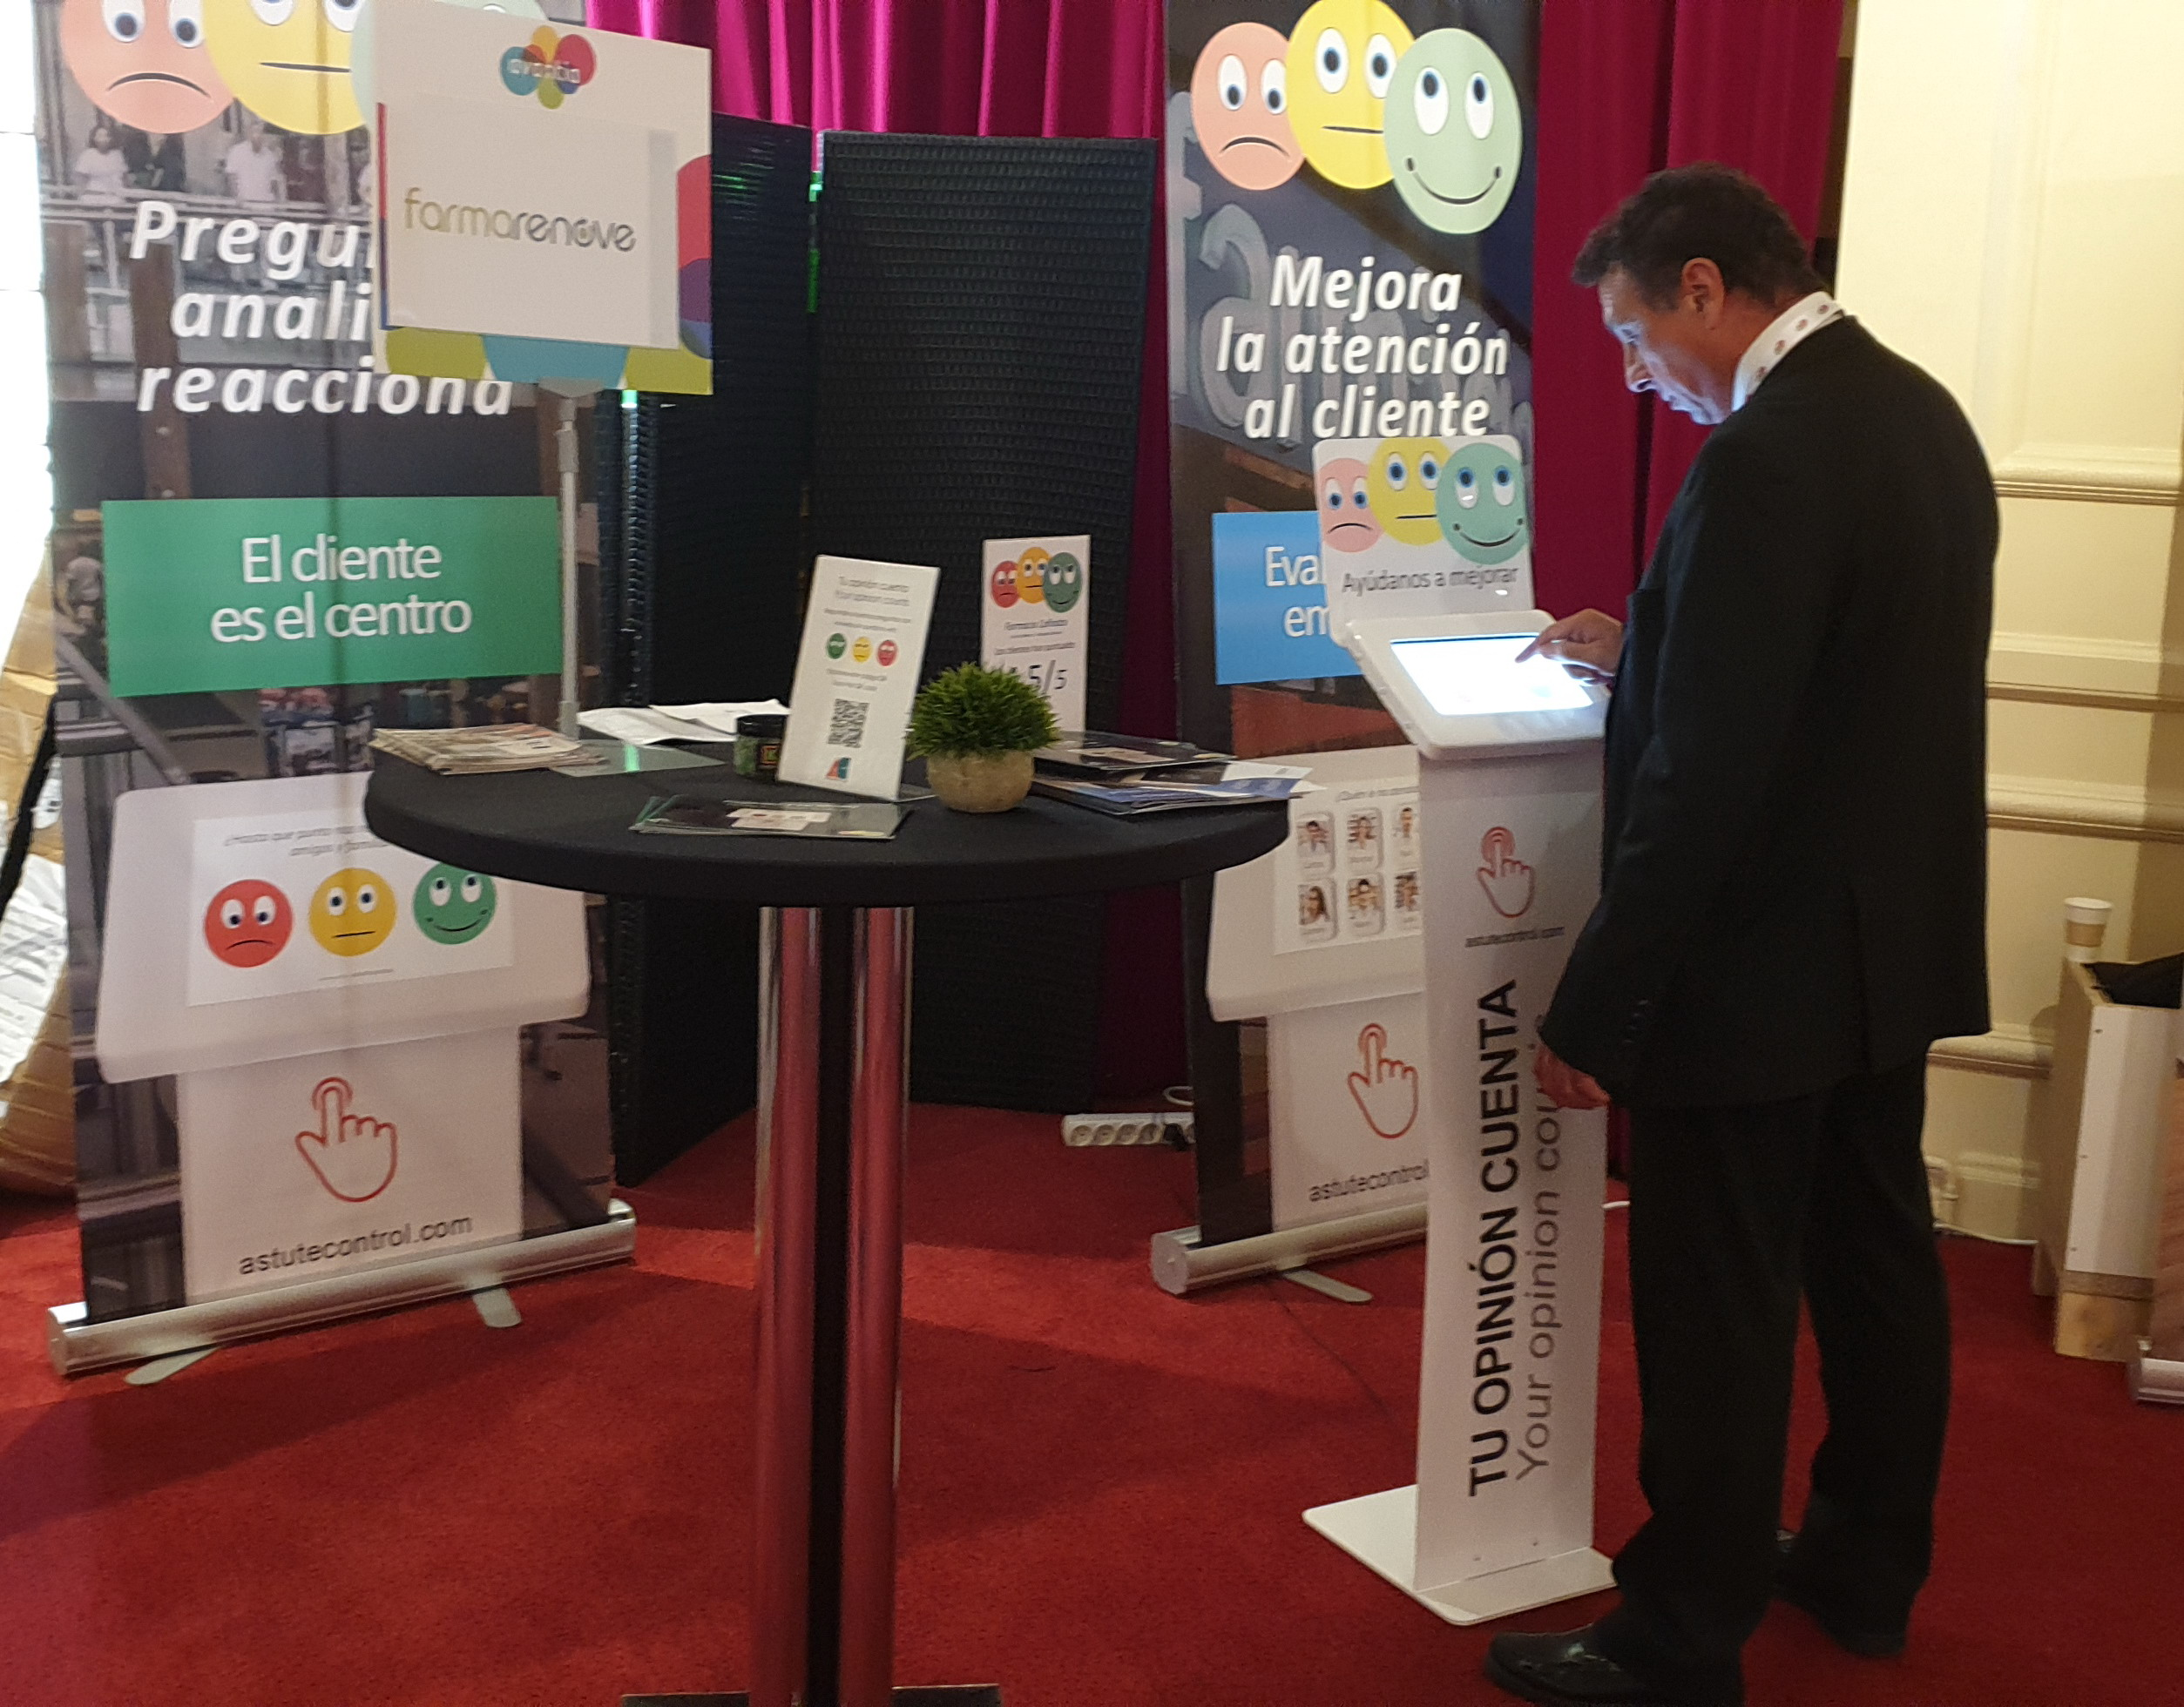 Encuestas de satisfacción Astutecontrol con Farmarenove en París